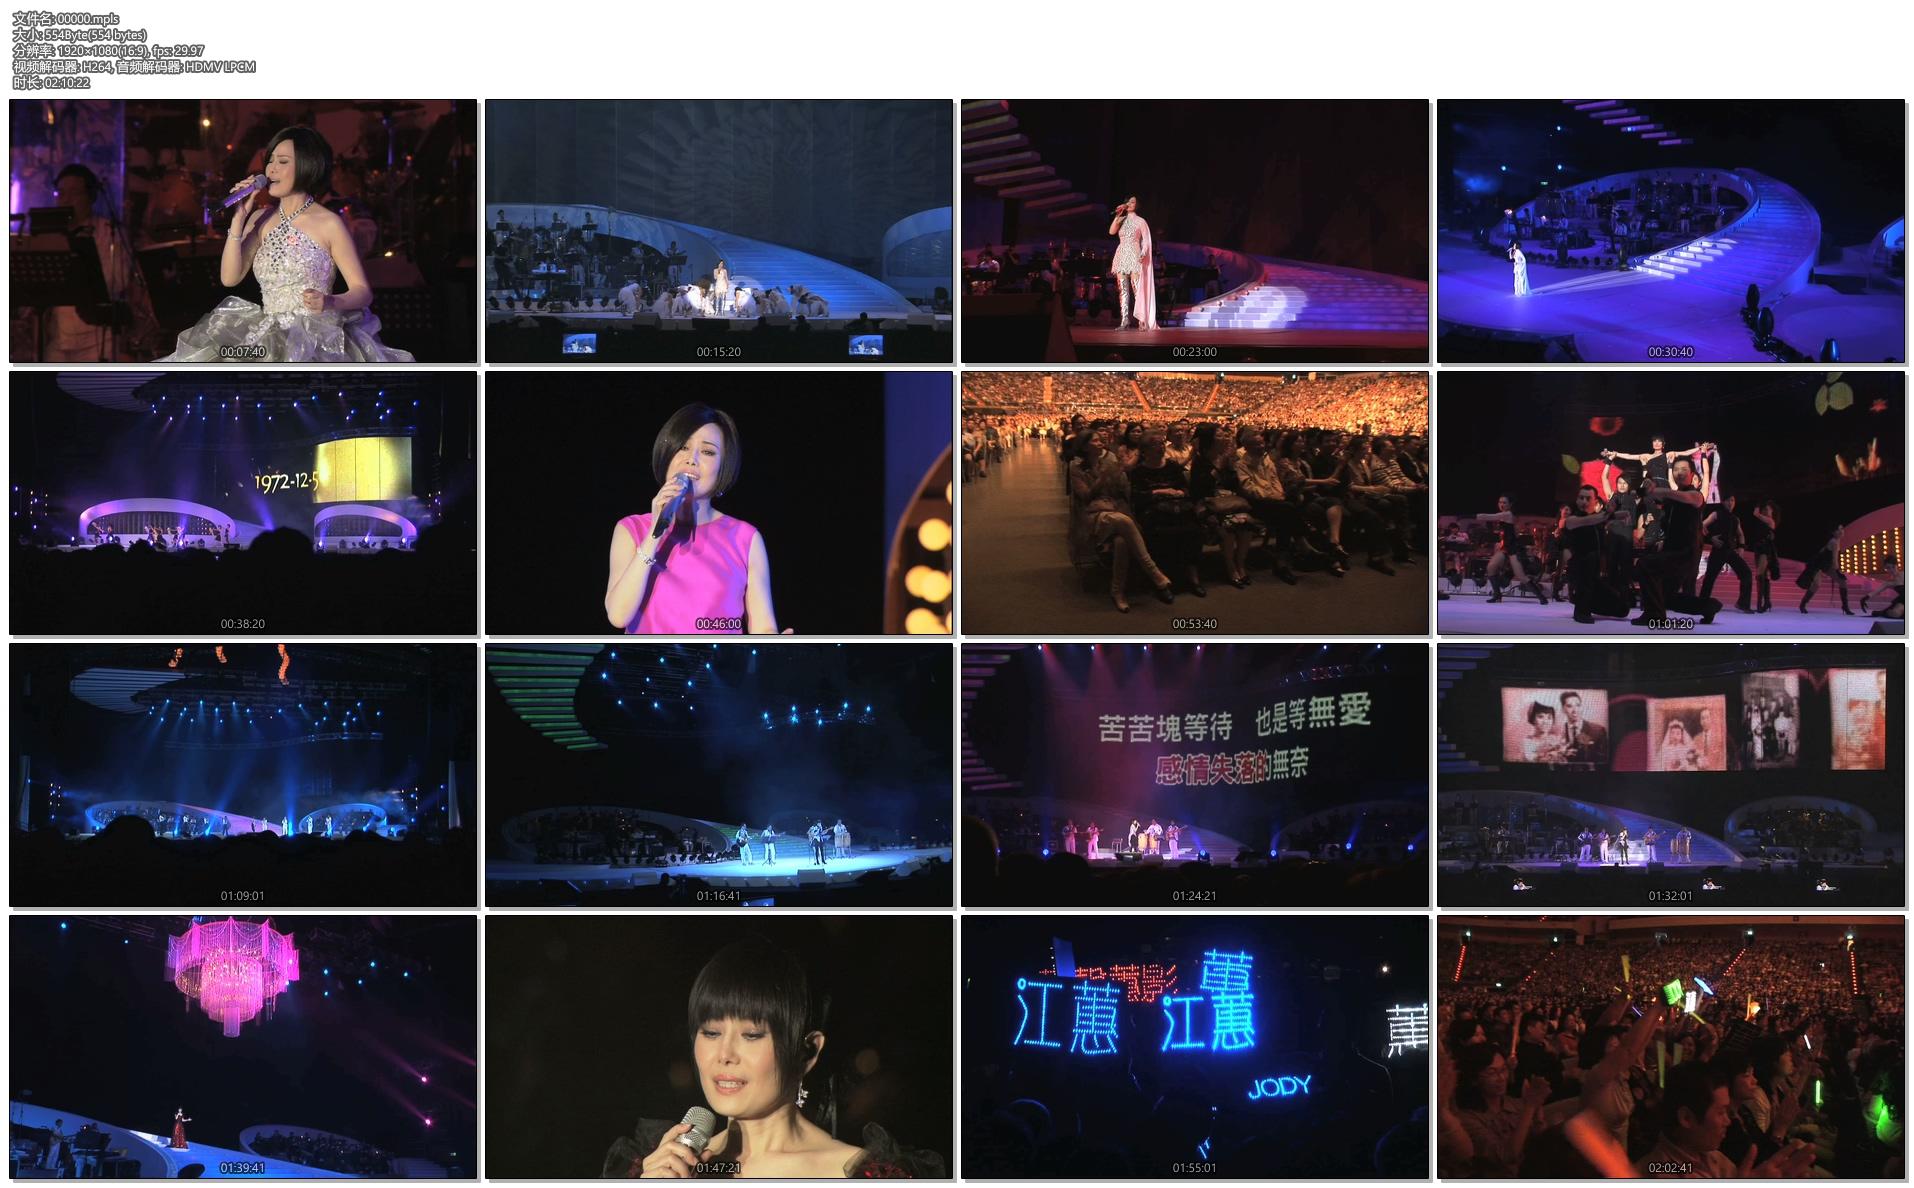 江蕙 初登场 Jody Chiang First Live 2008 台北小巨蛋演唱会《BDMV 22.4G》蓝光原盘插图(2)